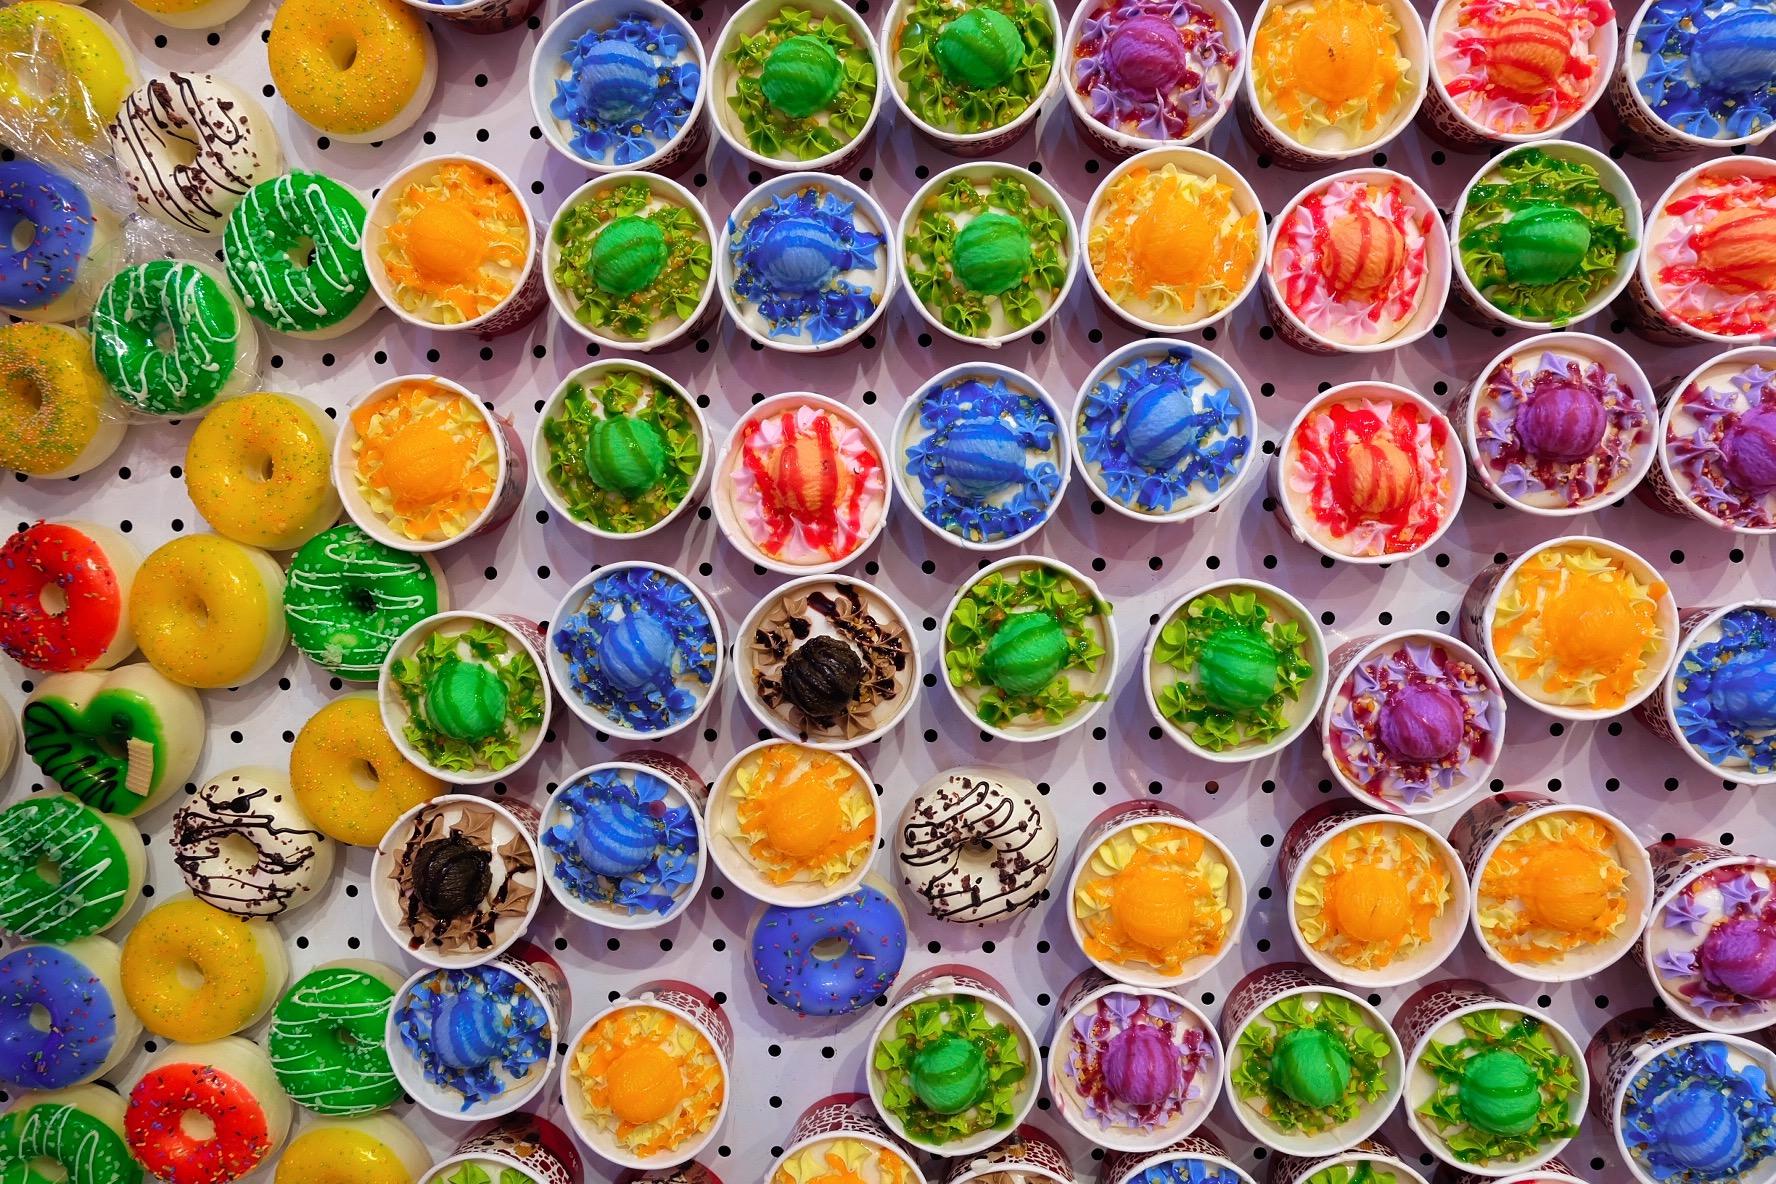 iamkimcharlie-the-dessert-museum-05